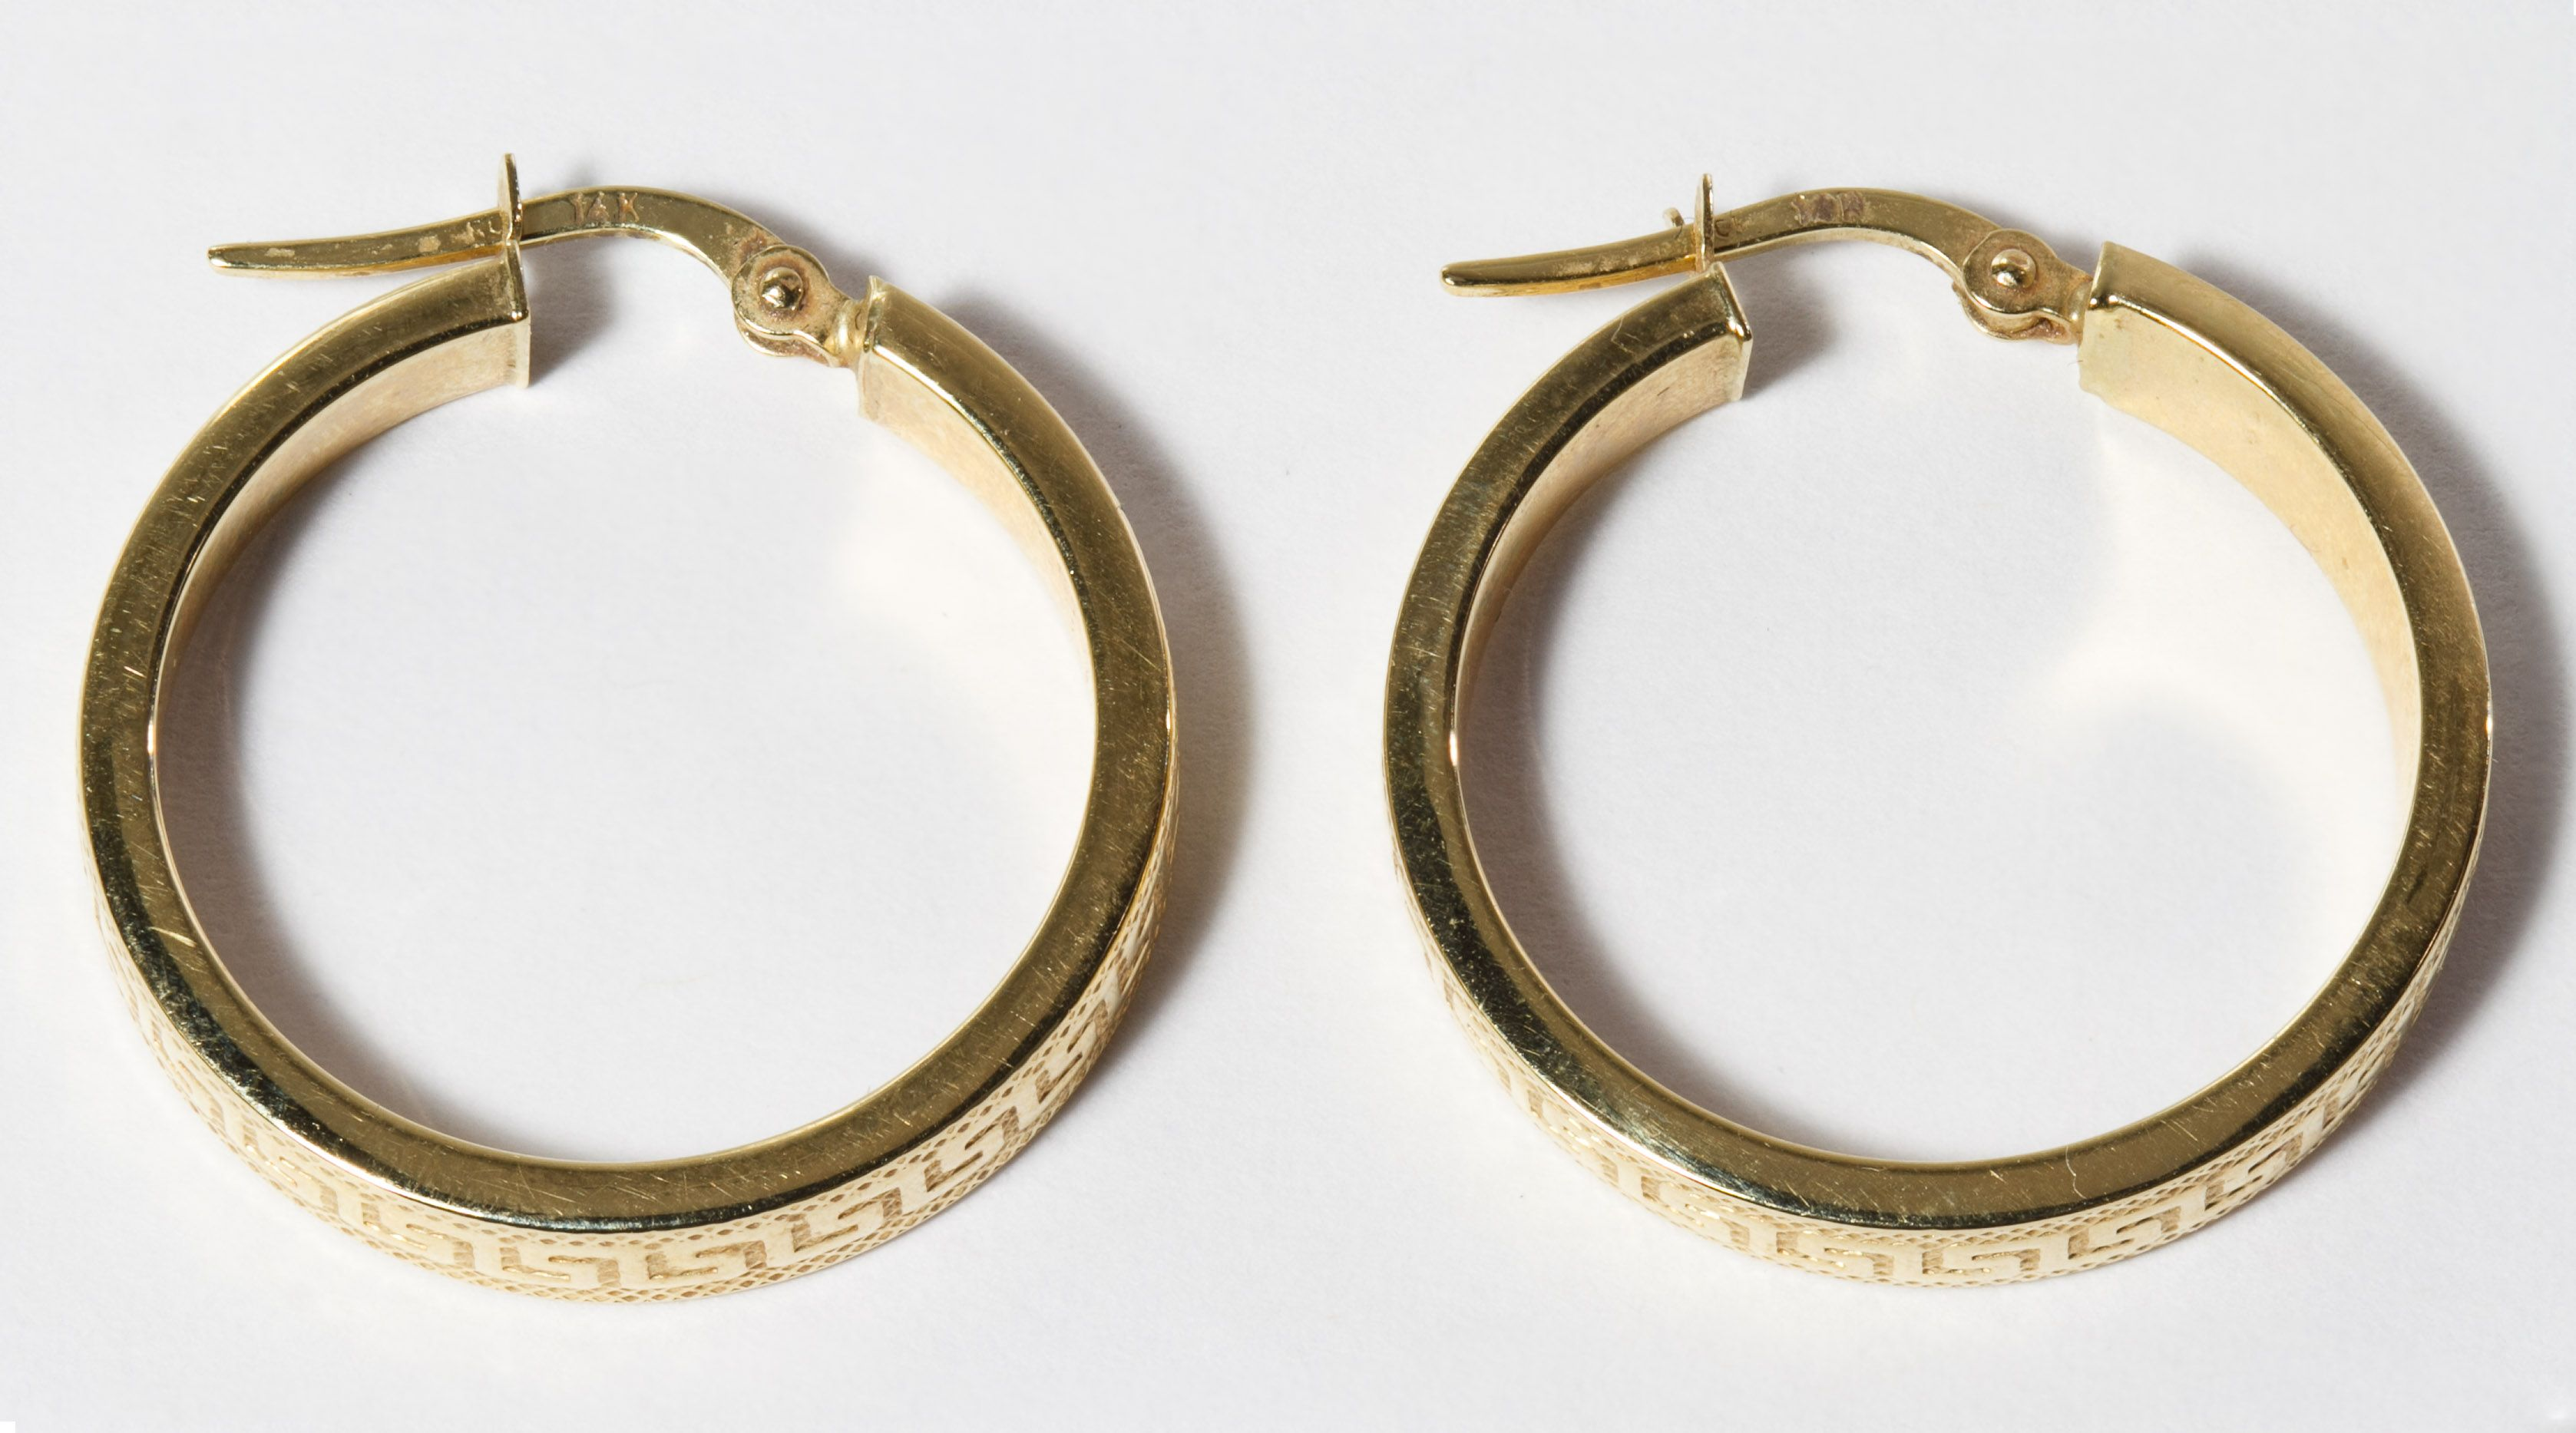 Lot 142: 14k Gold Pierced Hoop Earrings; Having a Greek key design on outside of hoop; marked on posts